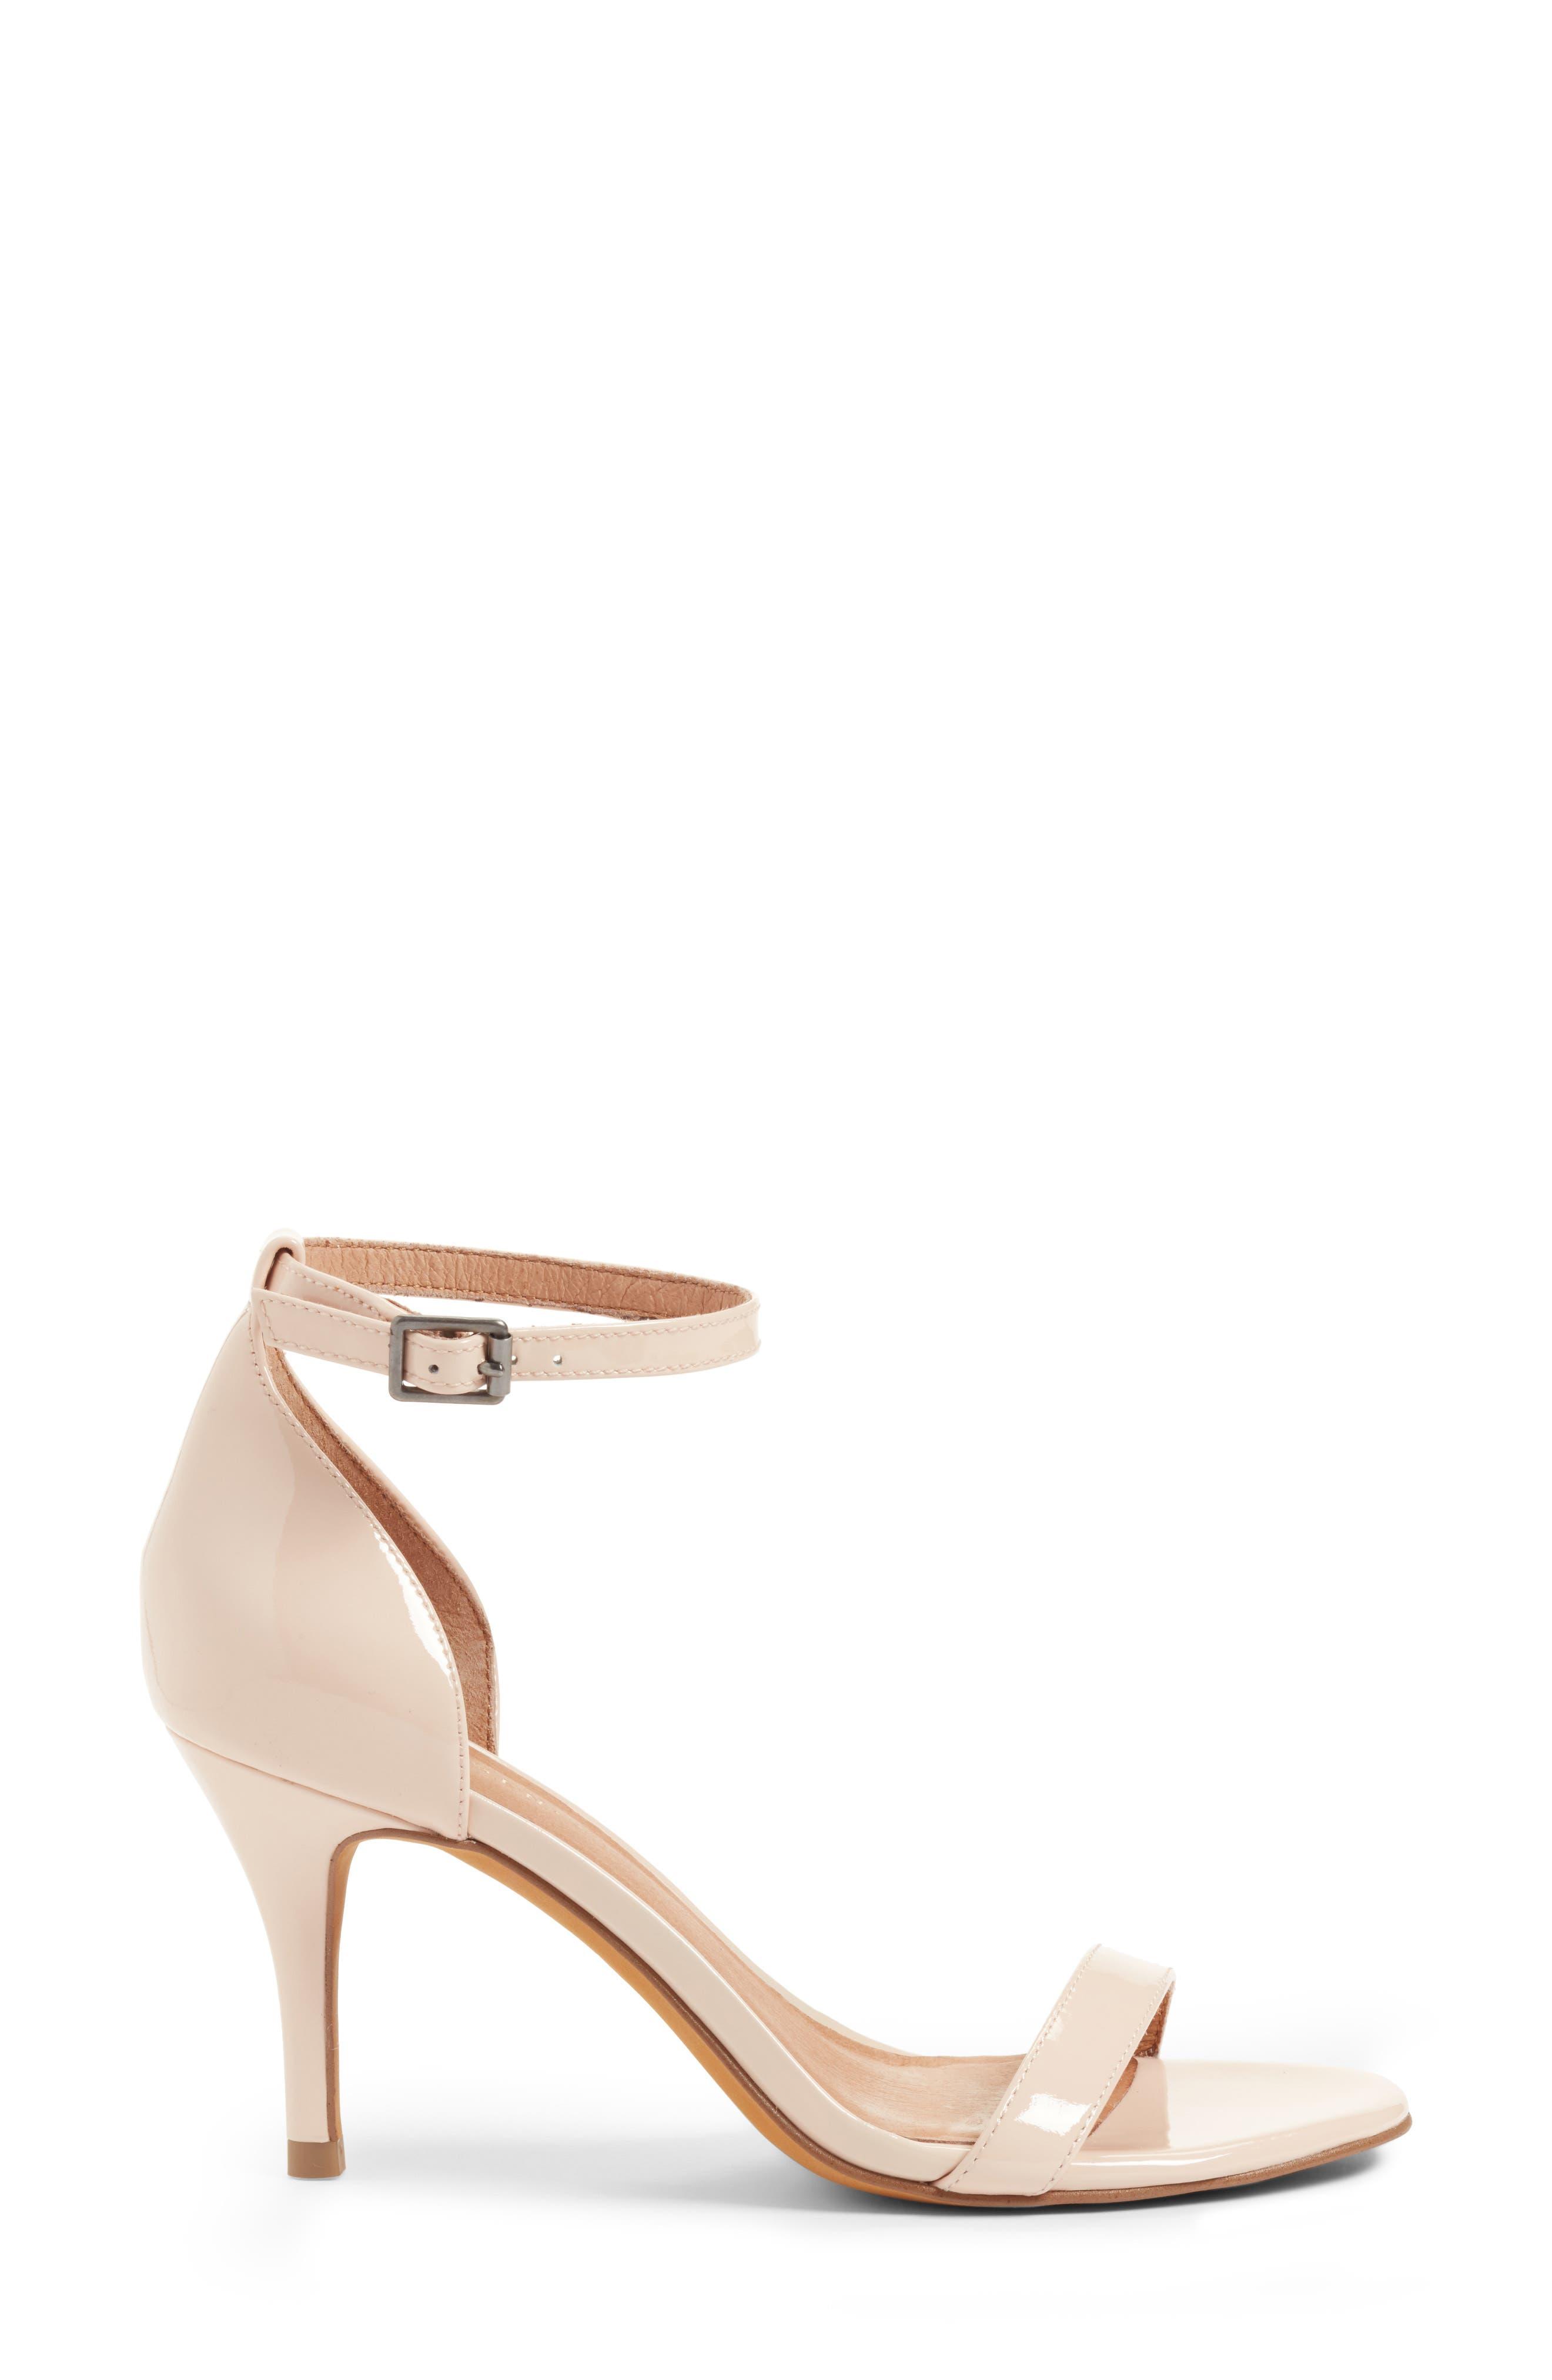 Audrey Ankle Strap Sandal,                             Alternate thumbnail 51, color,